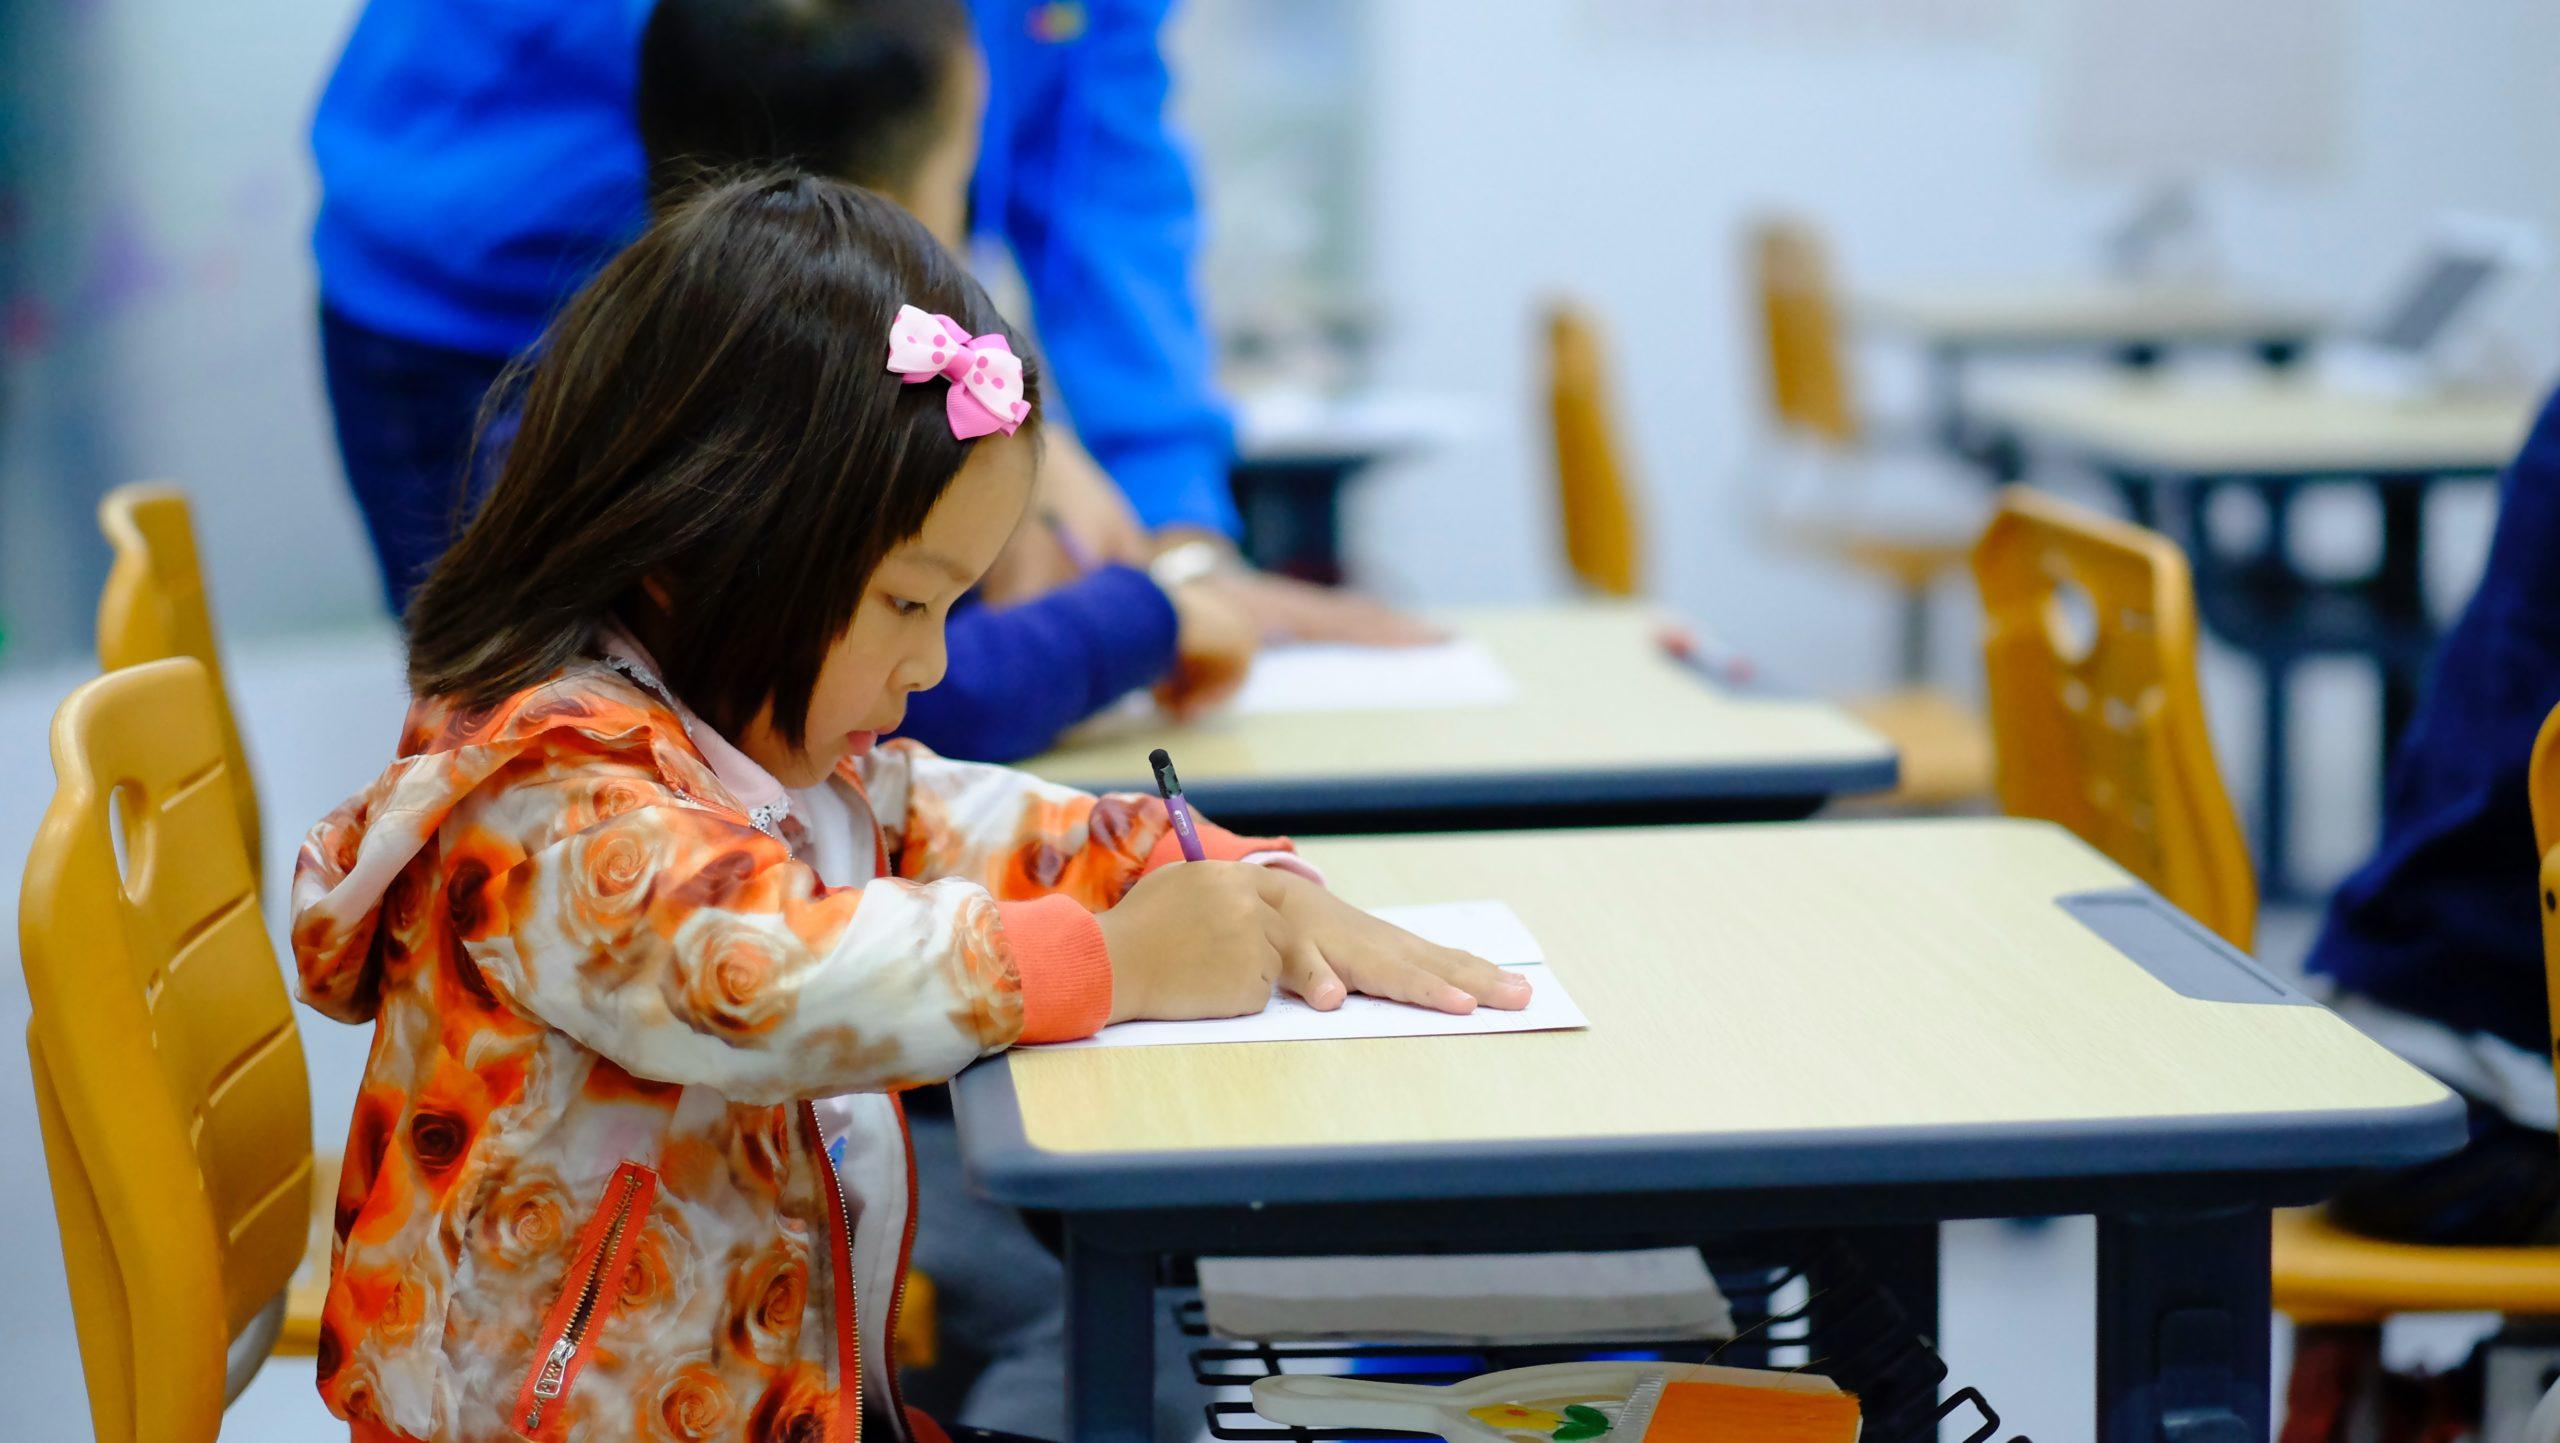 放課後児童健全育成事業とは